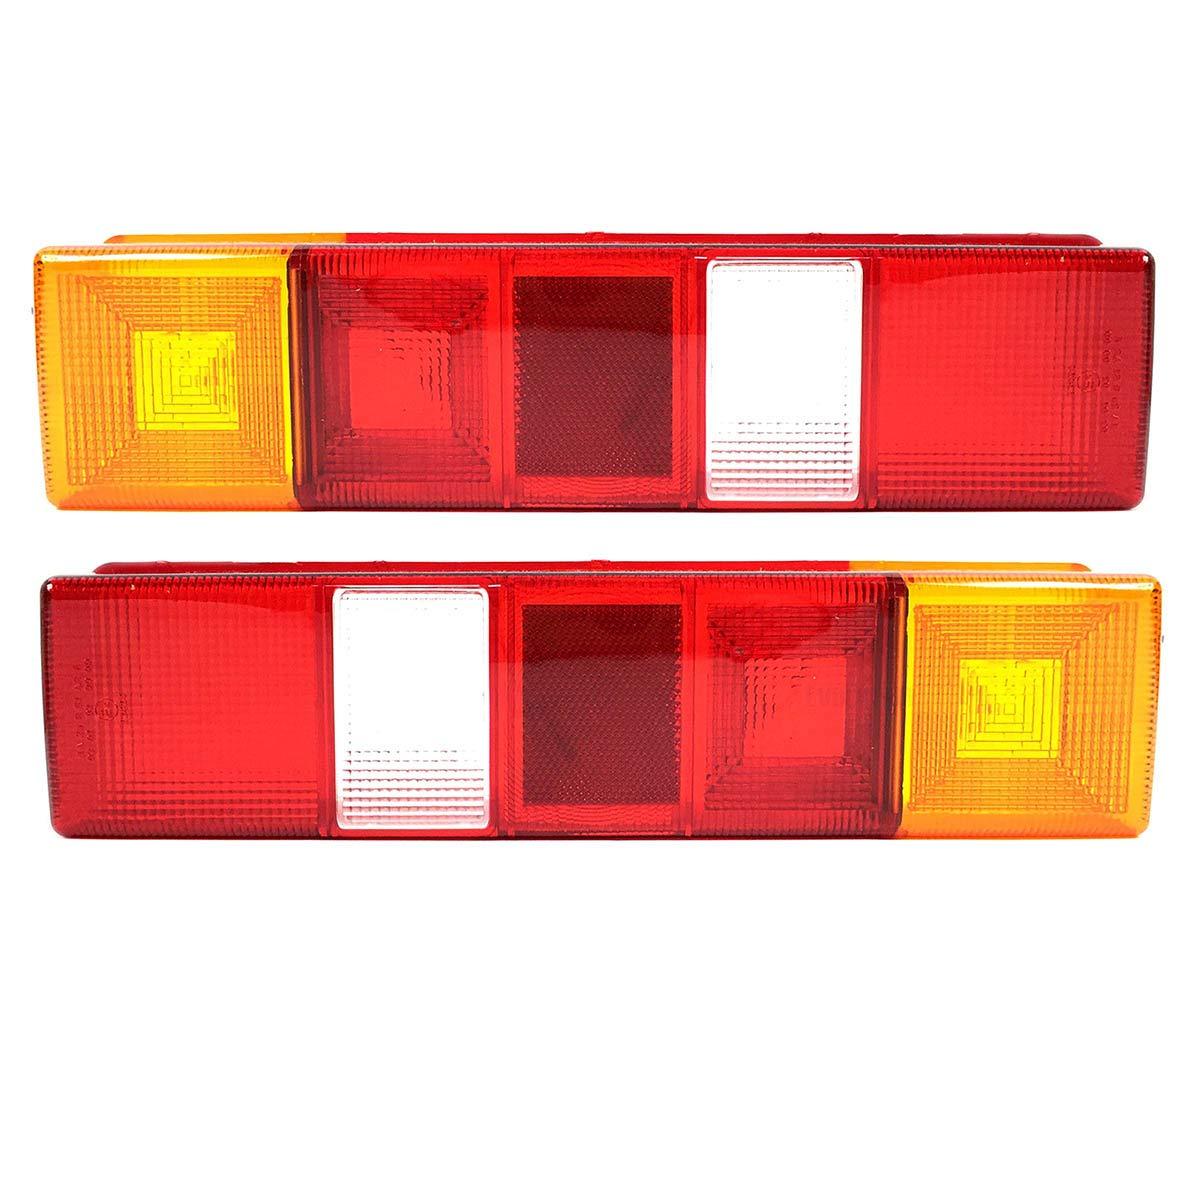 2x Lichtscheibe Heckleuchte Links//Rechts Glas R/ückleuchtenglas R/ückleuchten